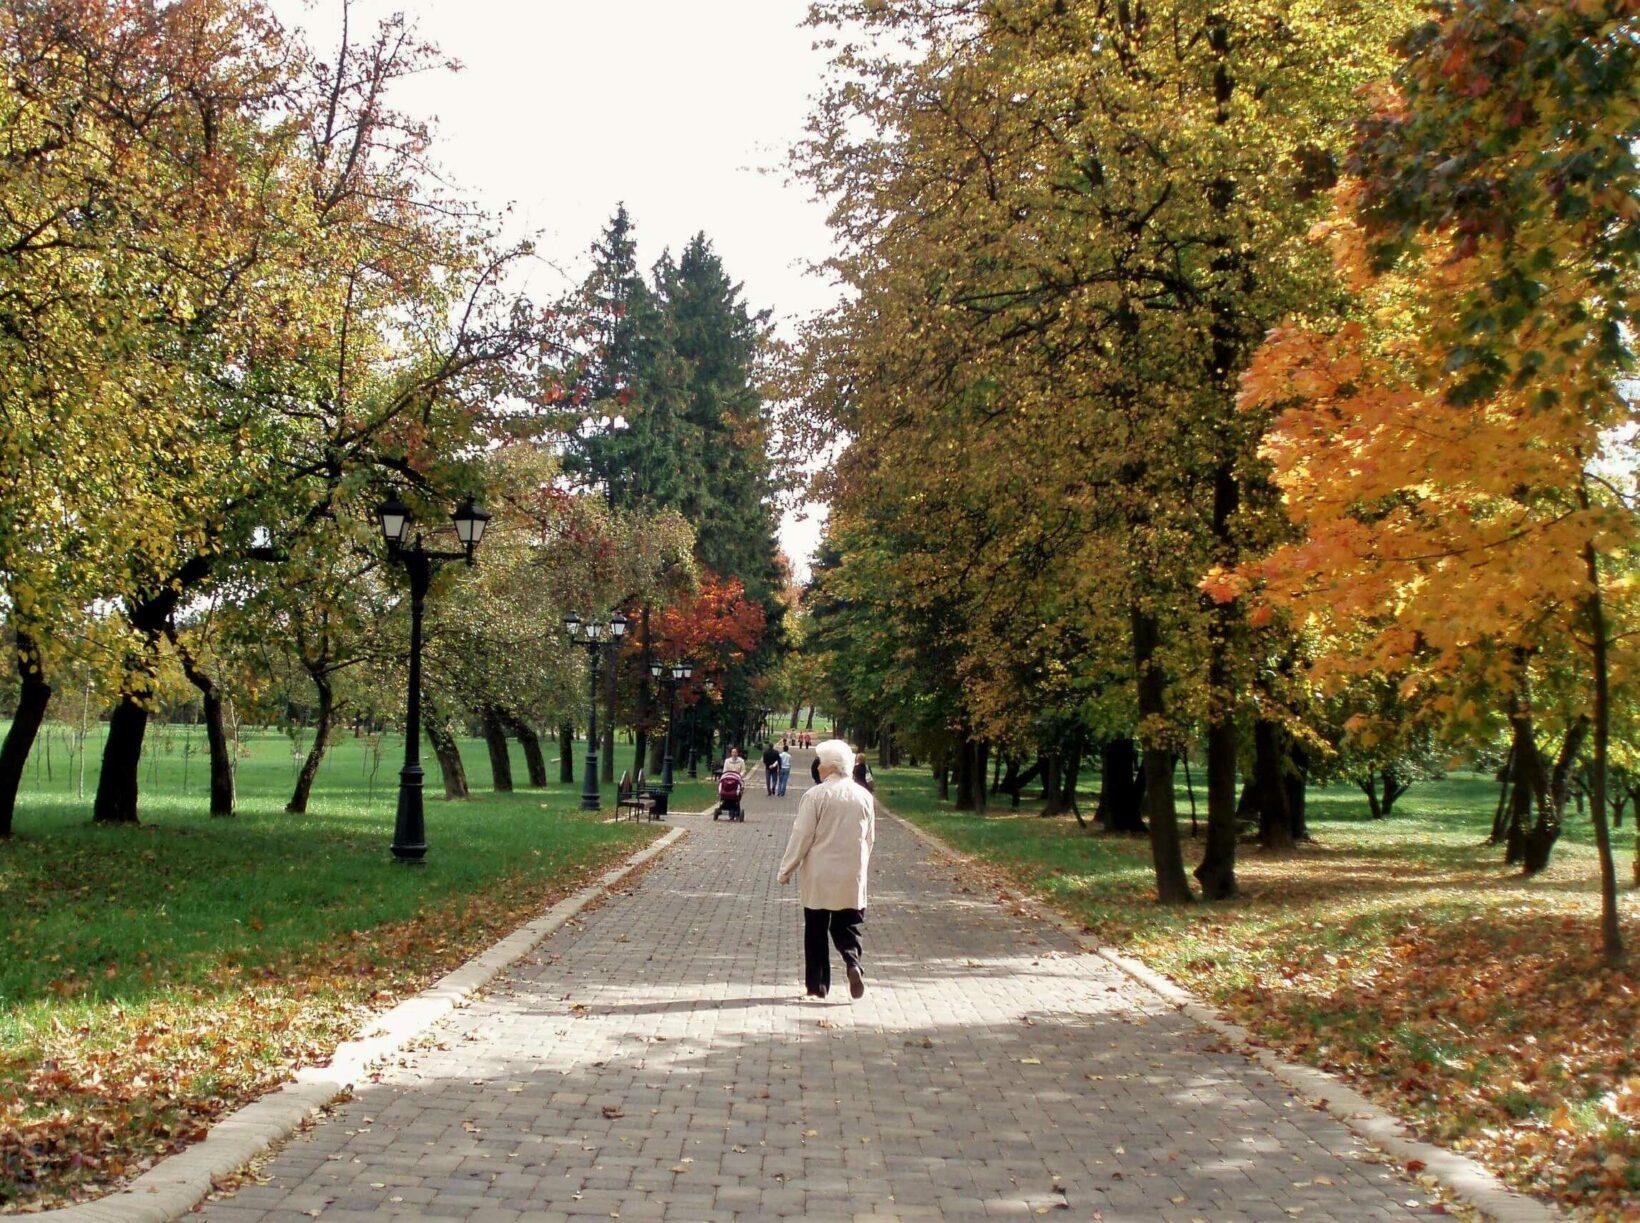 Loshitski park in Minsk. Nice alley